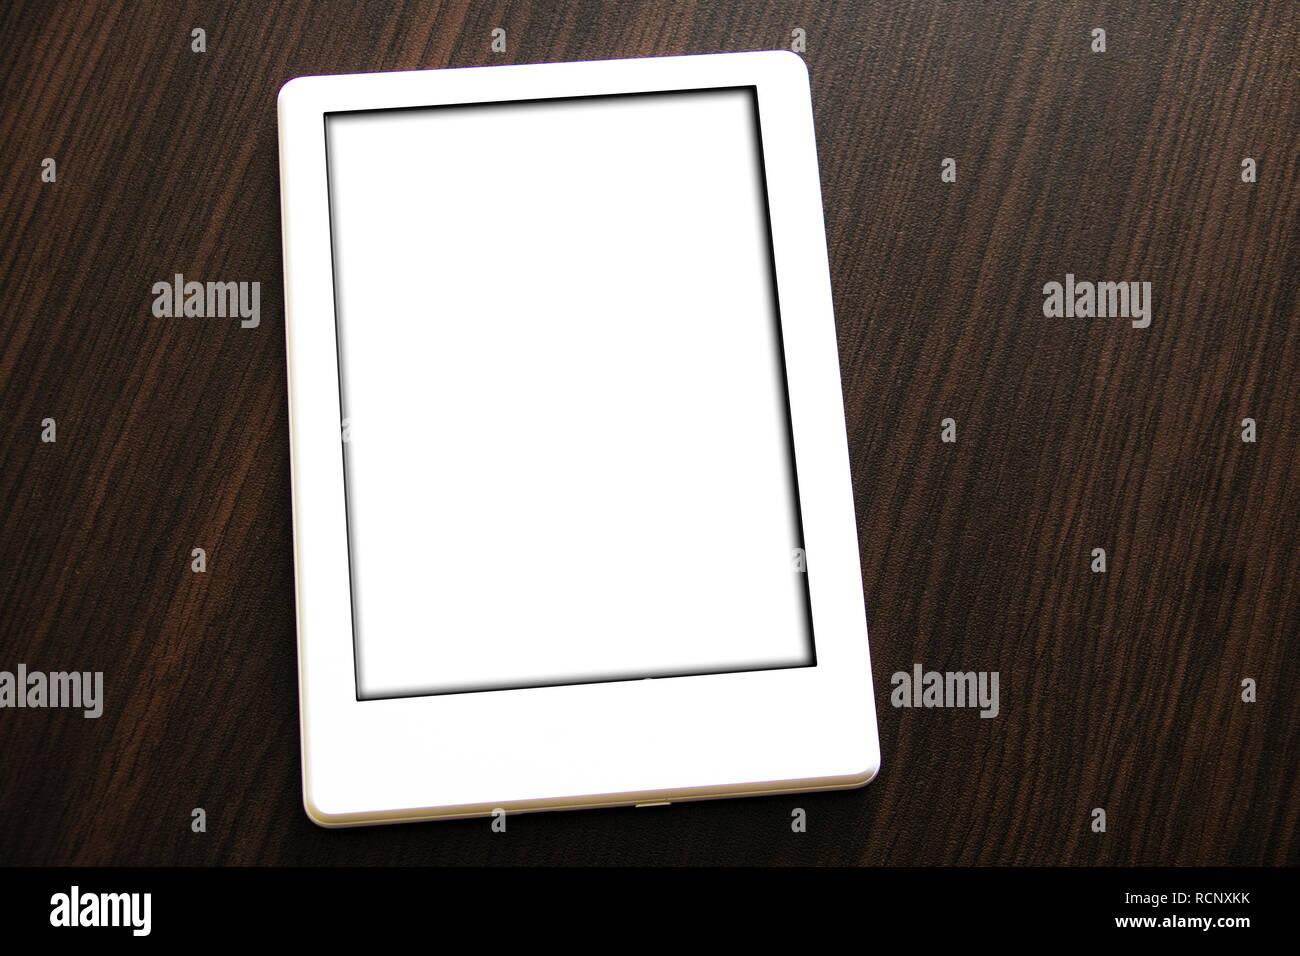 amazon kindle books download ipad